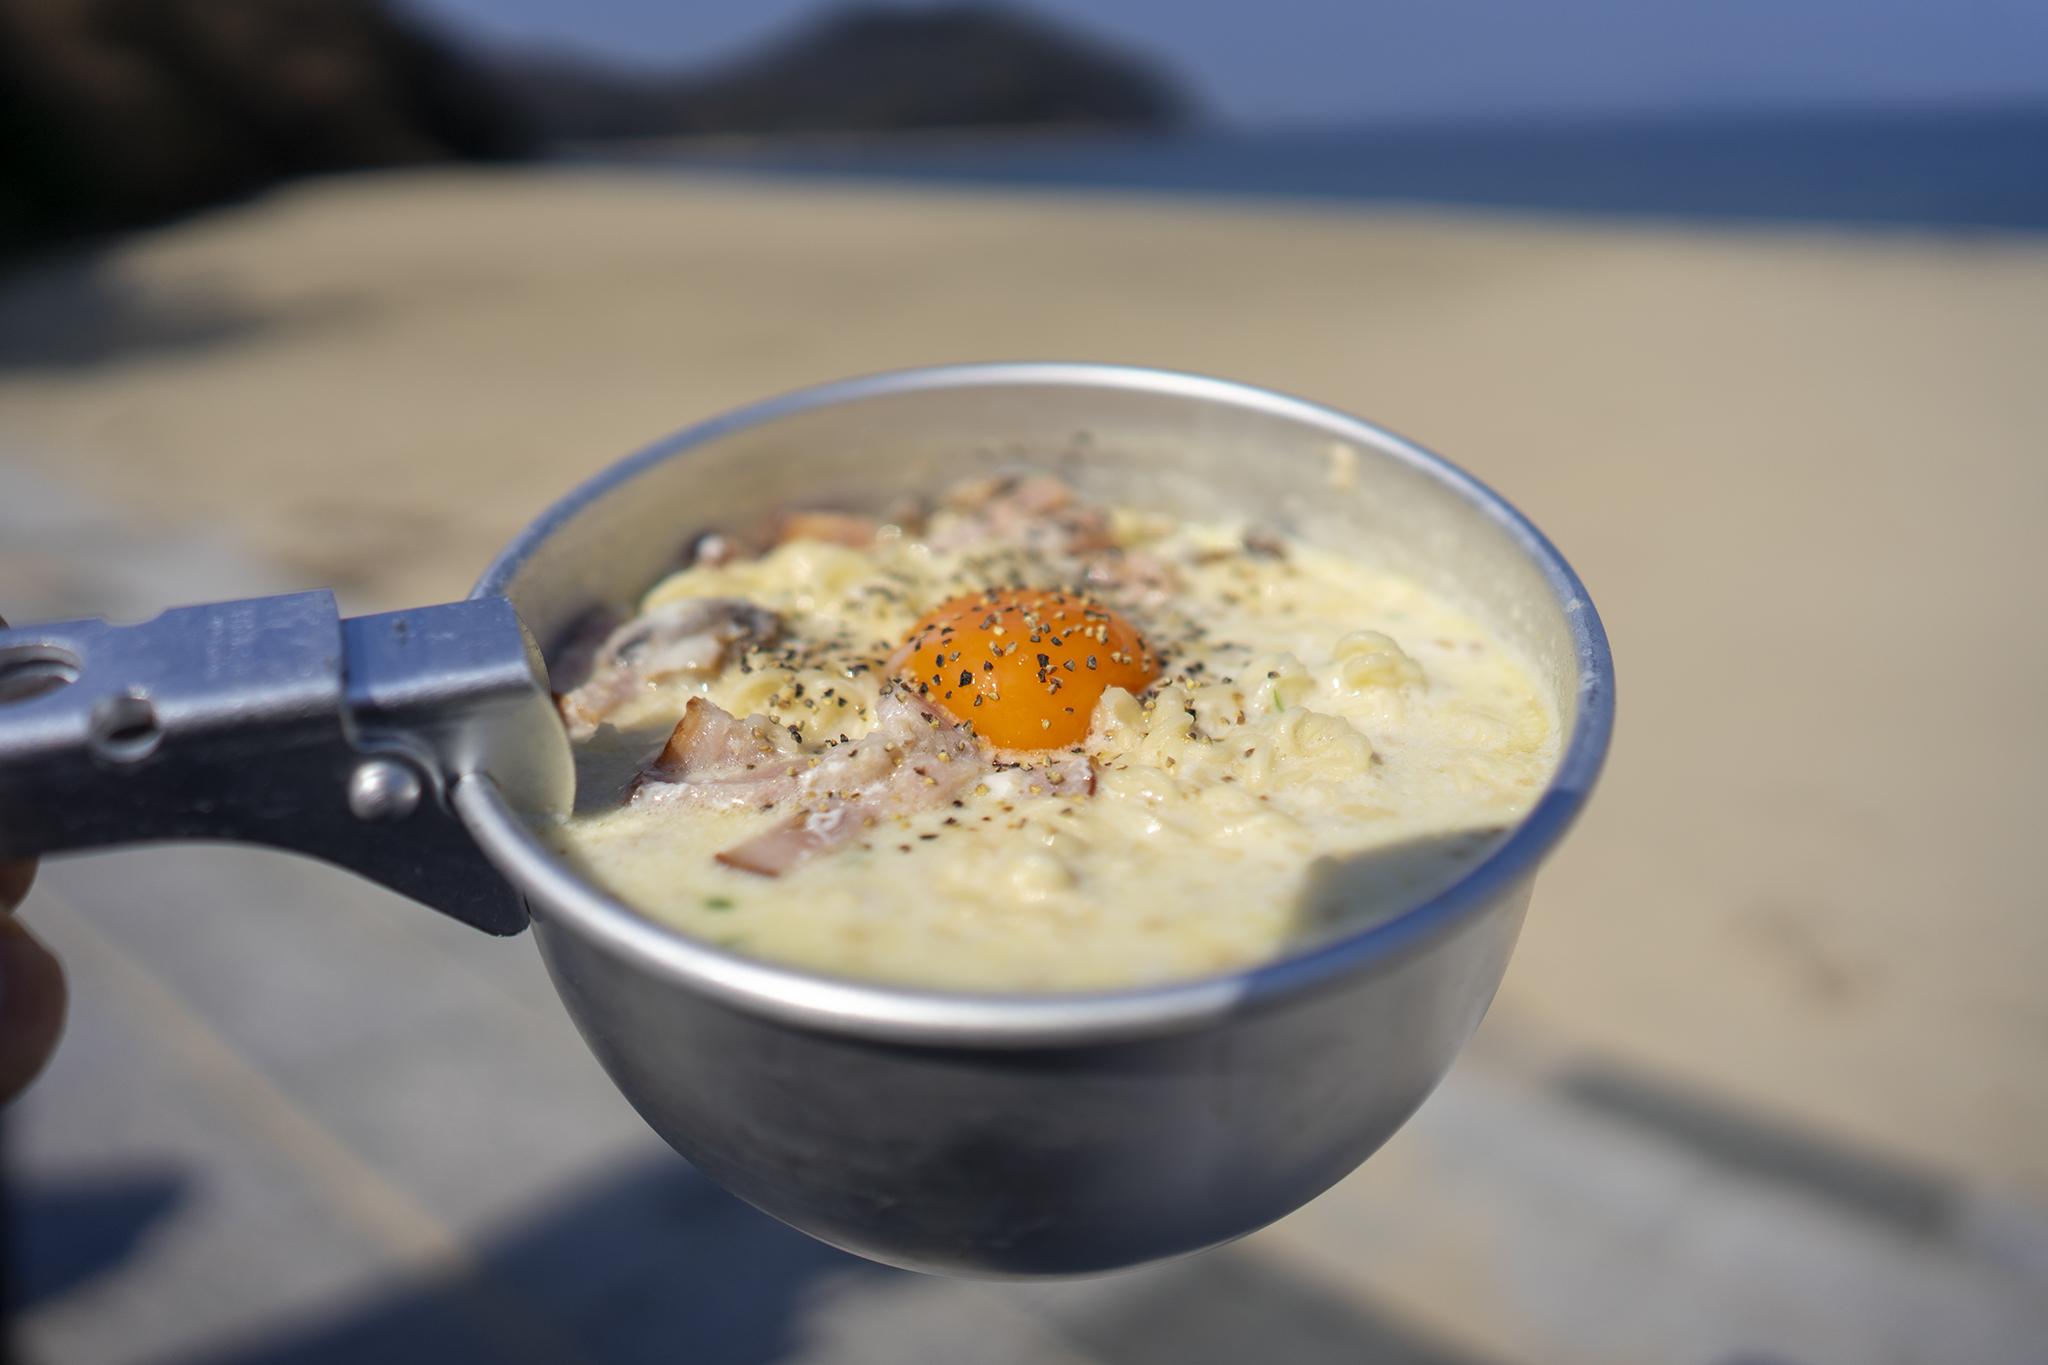 サッポロ一番塩ラーメンアレンジ第4弾「カルボナーラ風」